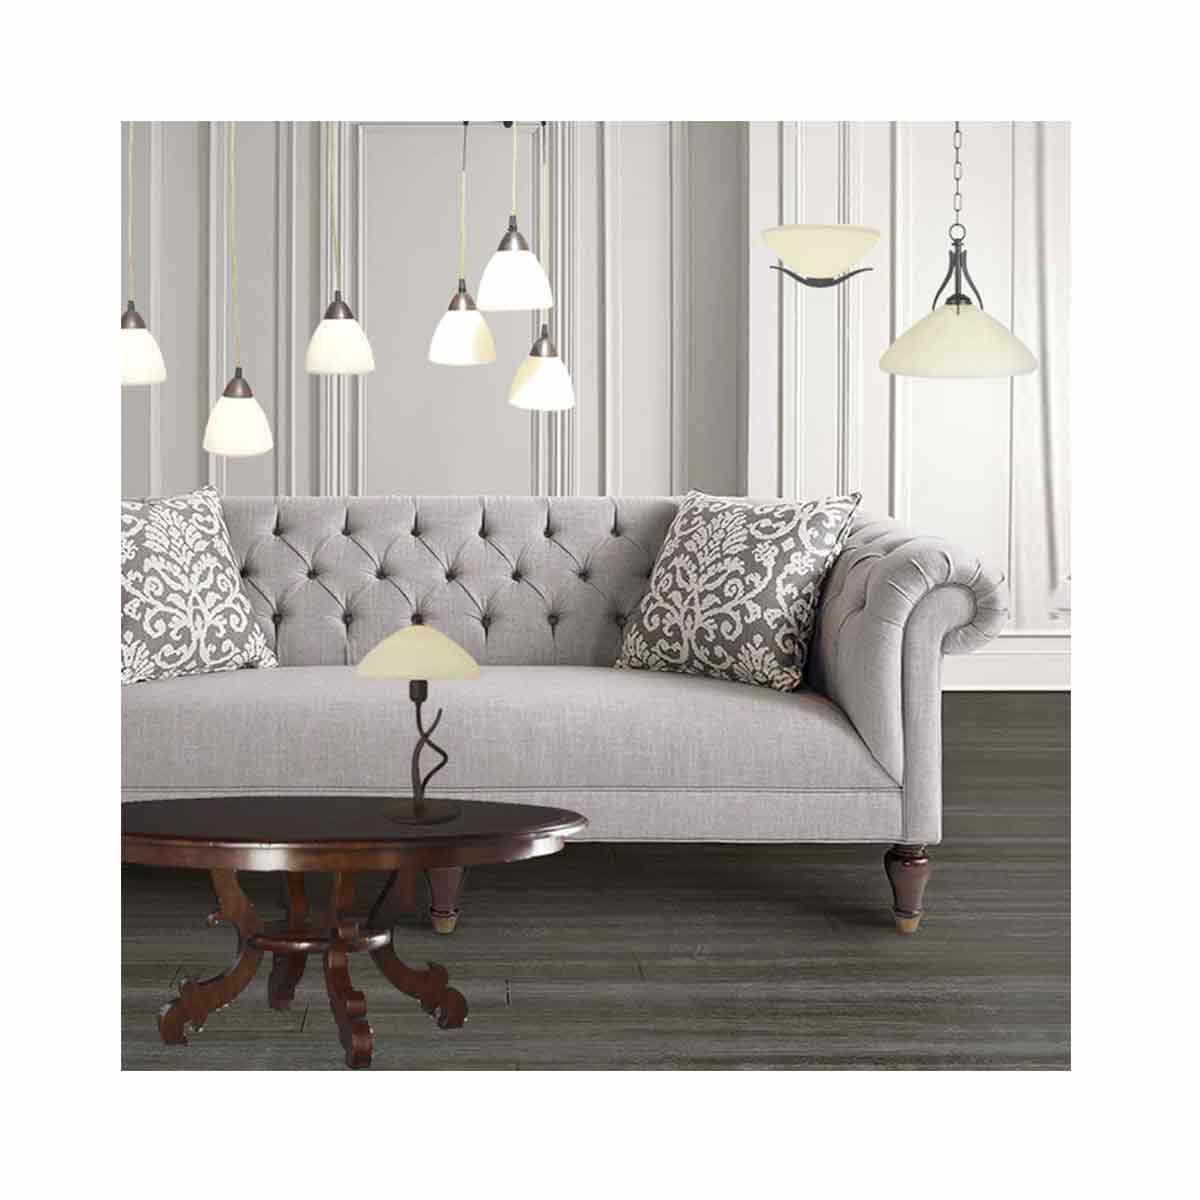 Ston lampa S-NL-0506/1LT